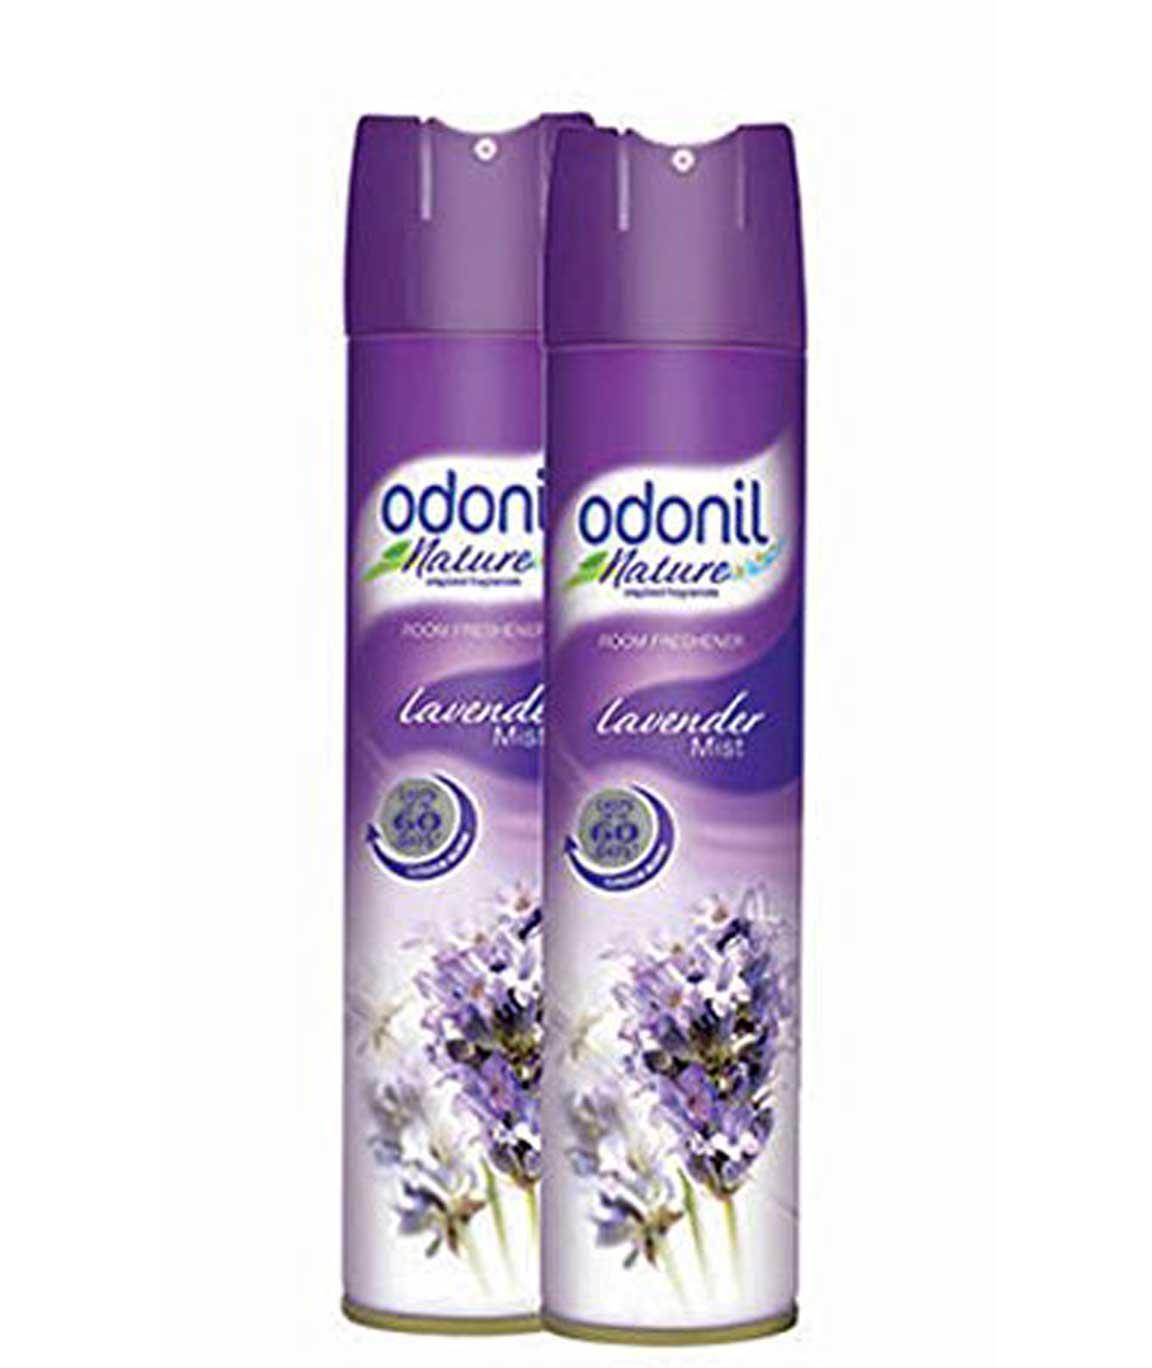 Odonil Room Spray - 140 g (Lavender Mist Pack of 2)